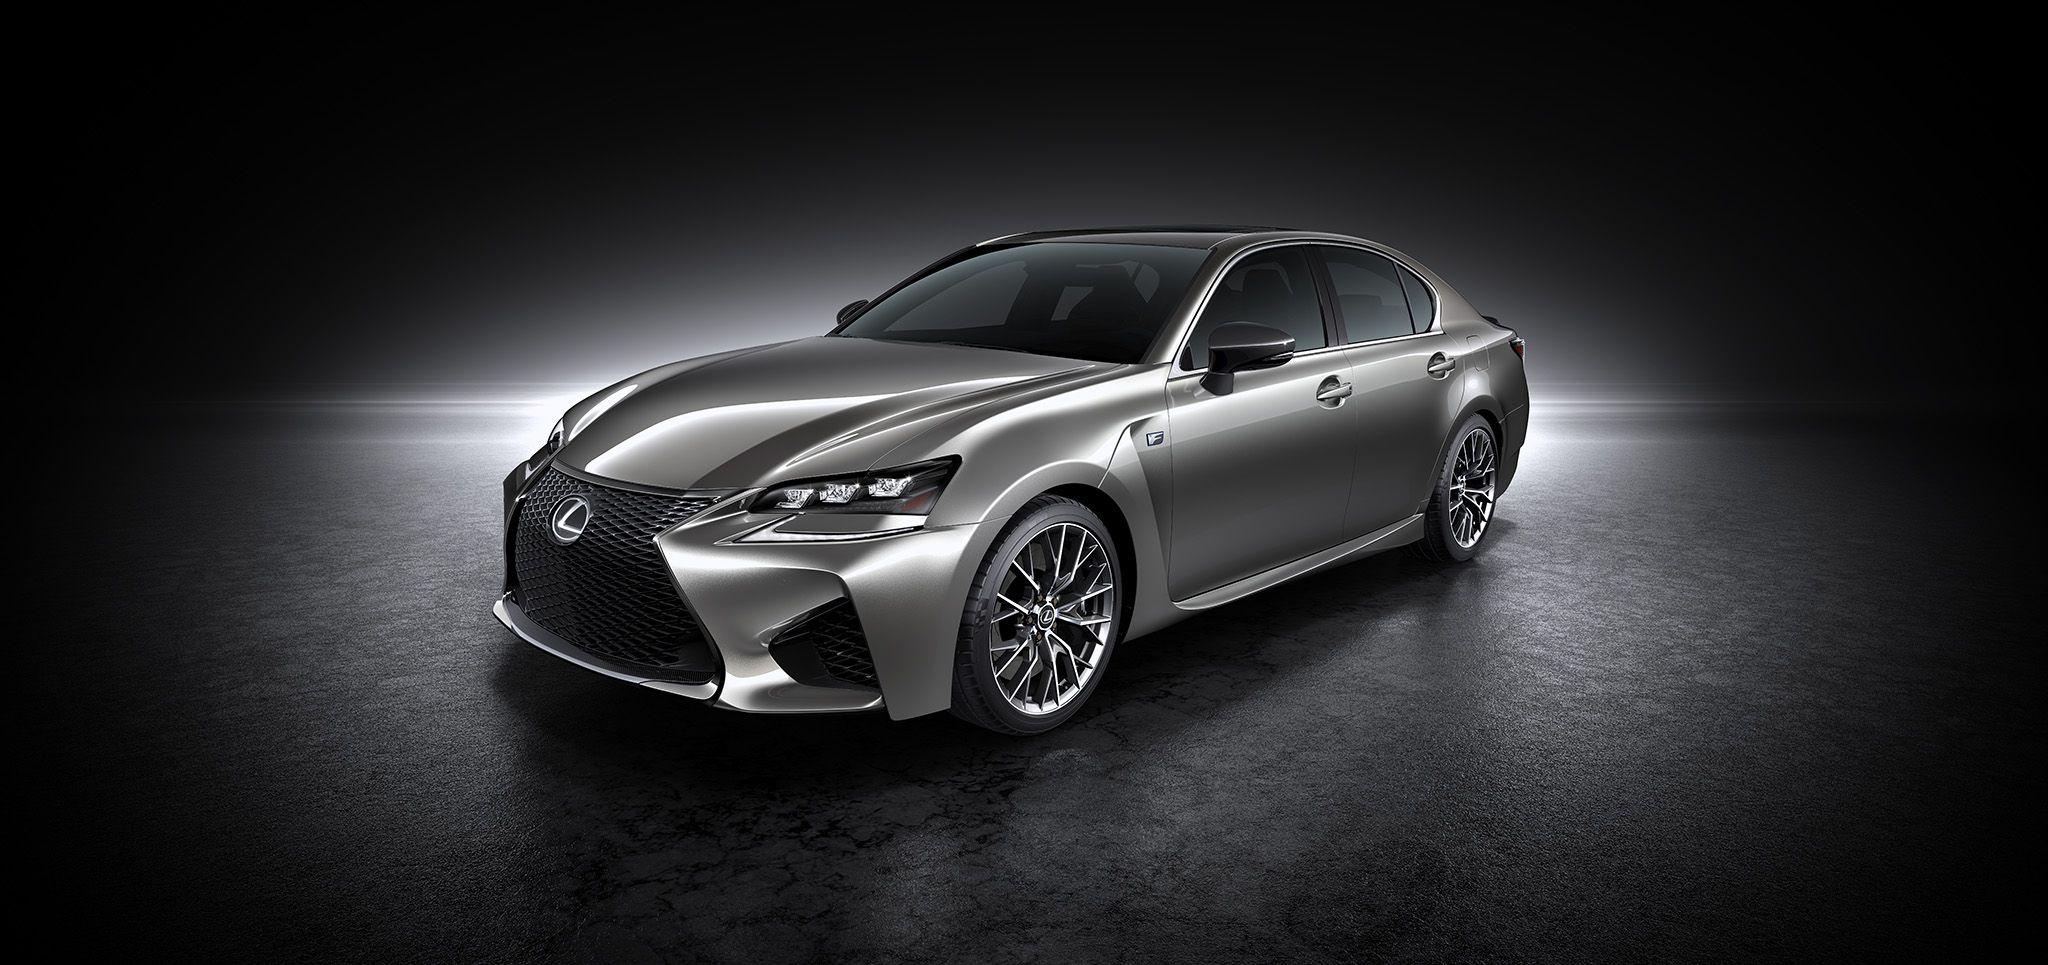 2020 Lexus GS F Performance